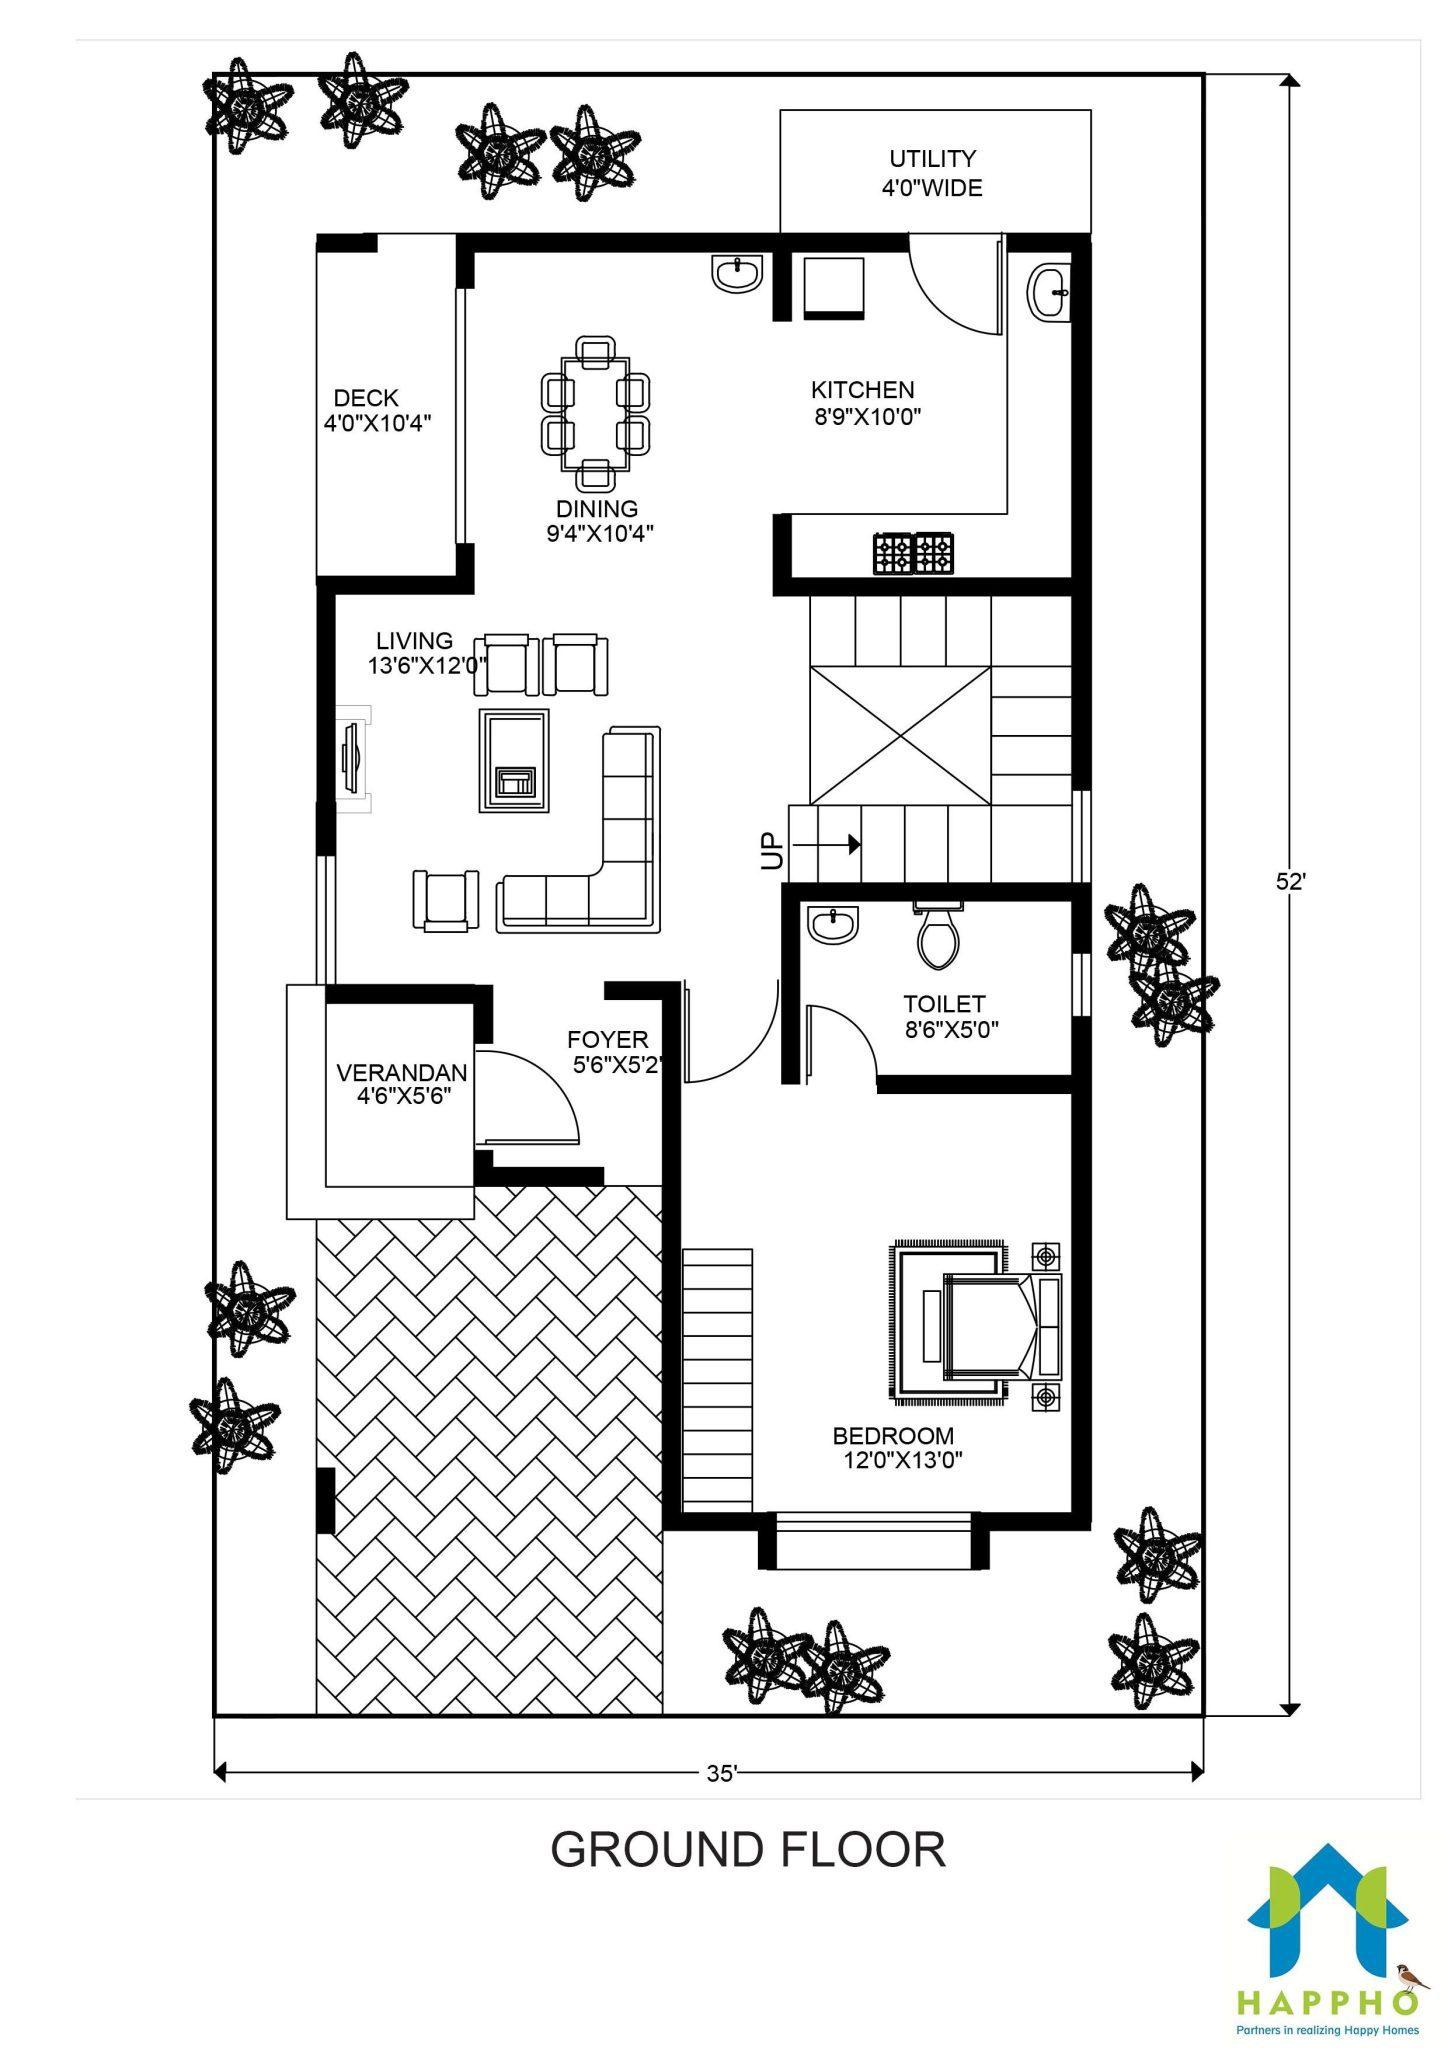 Floor Plan For 30 X 50 Feet Plot